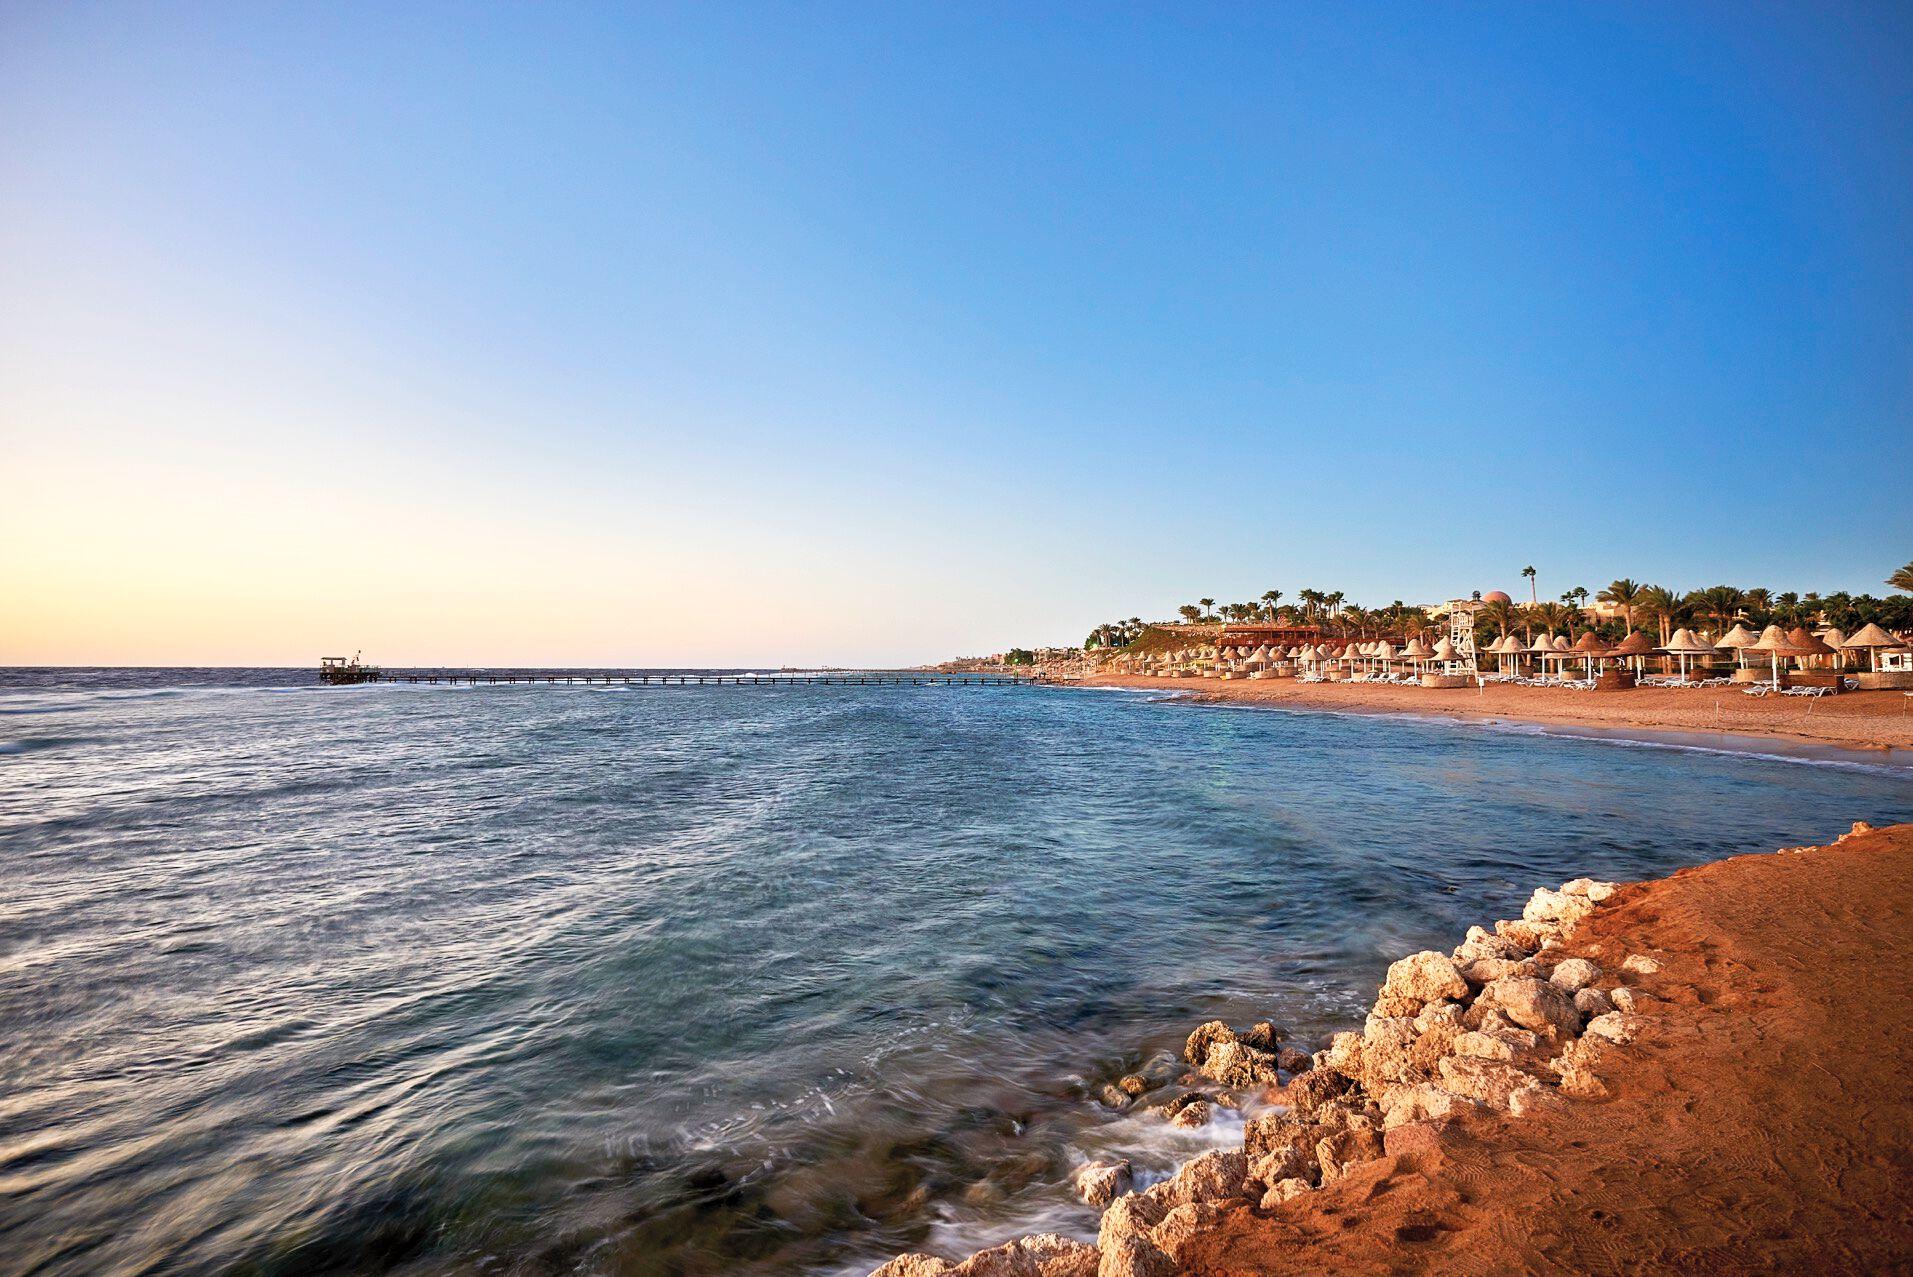 sonnenklar.TV Parrotel Beach Resort